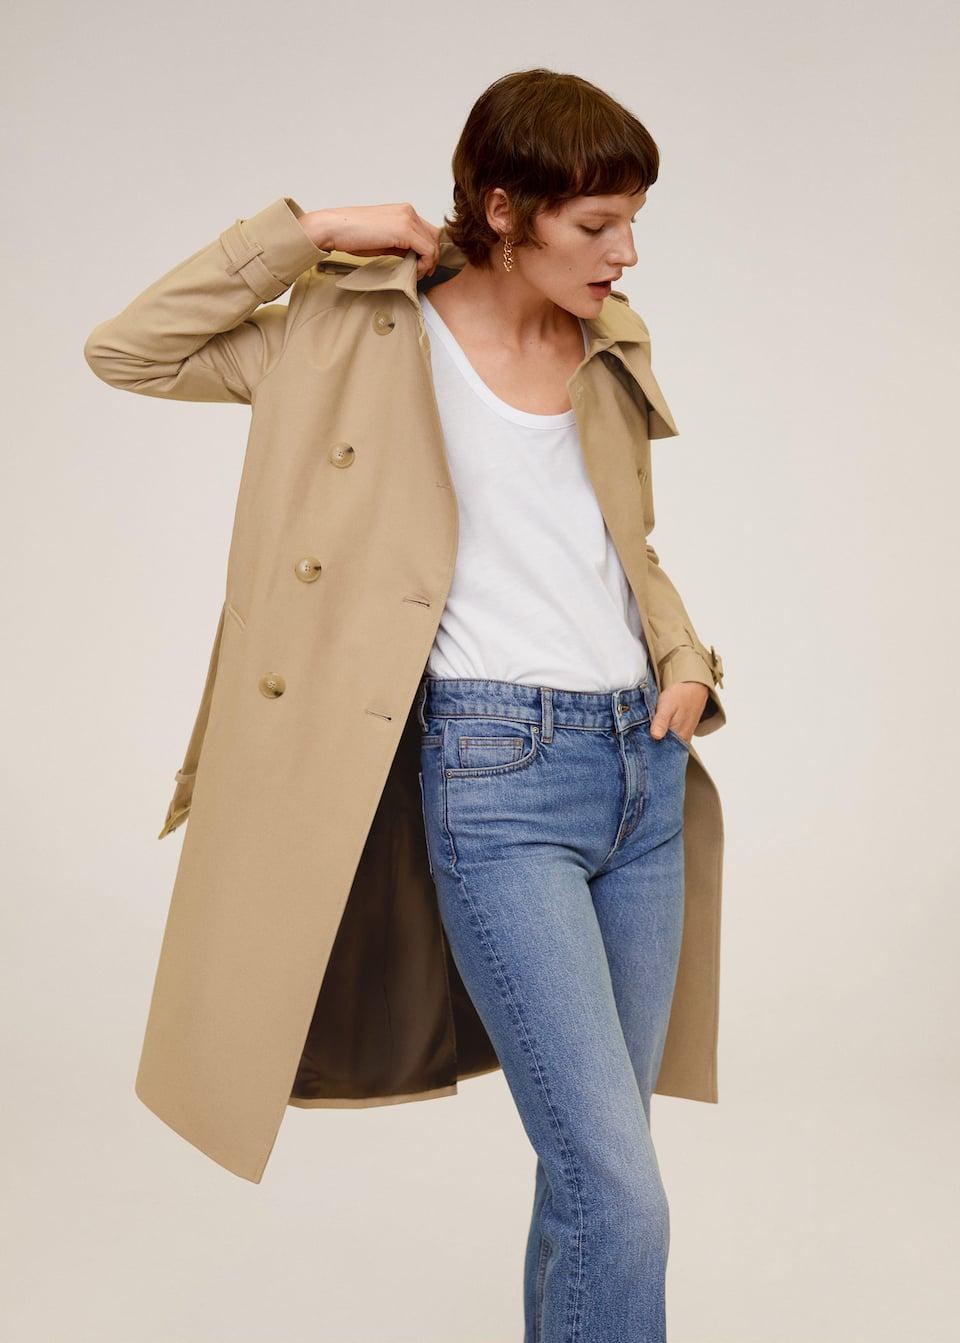 Classic cotton trench coat - Medium plane